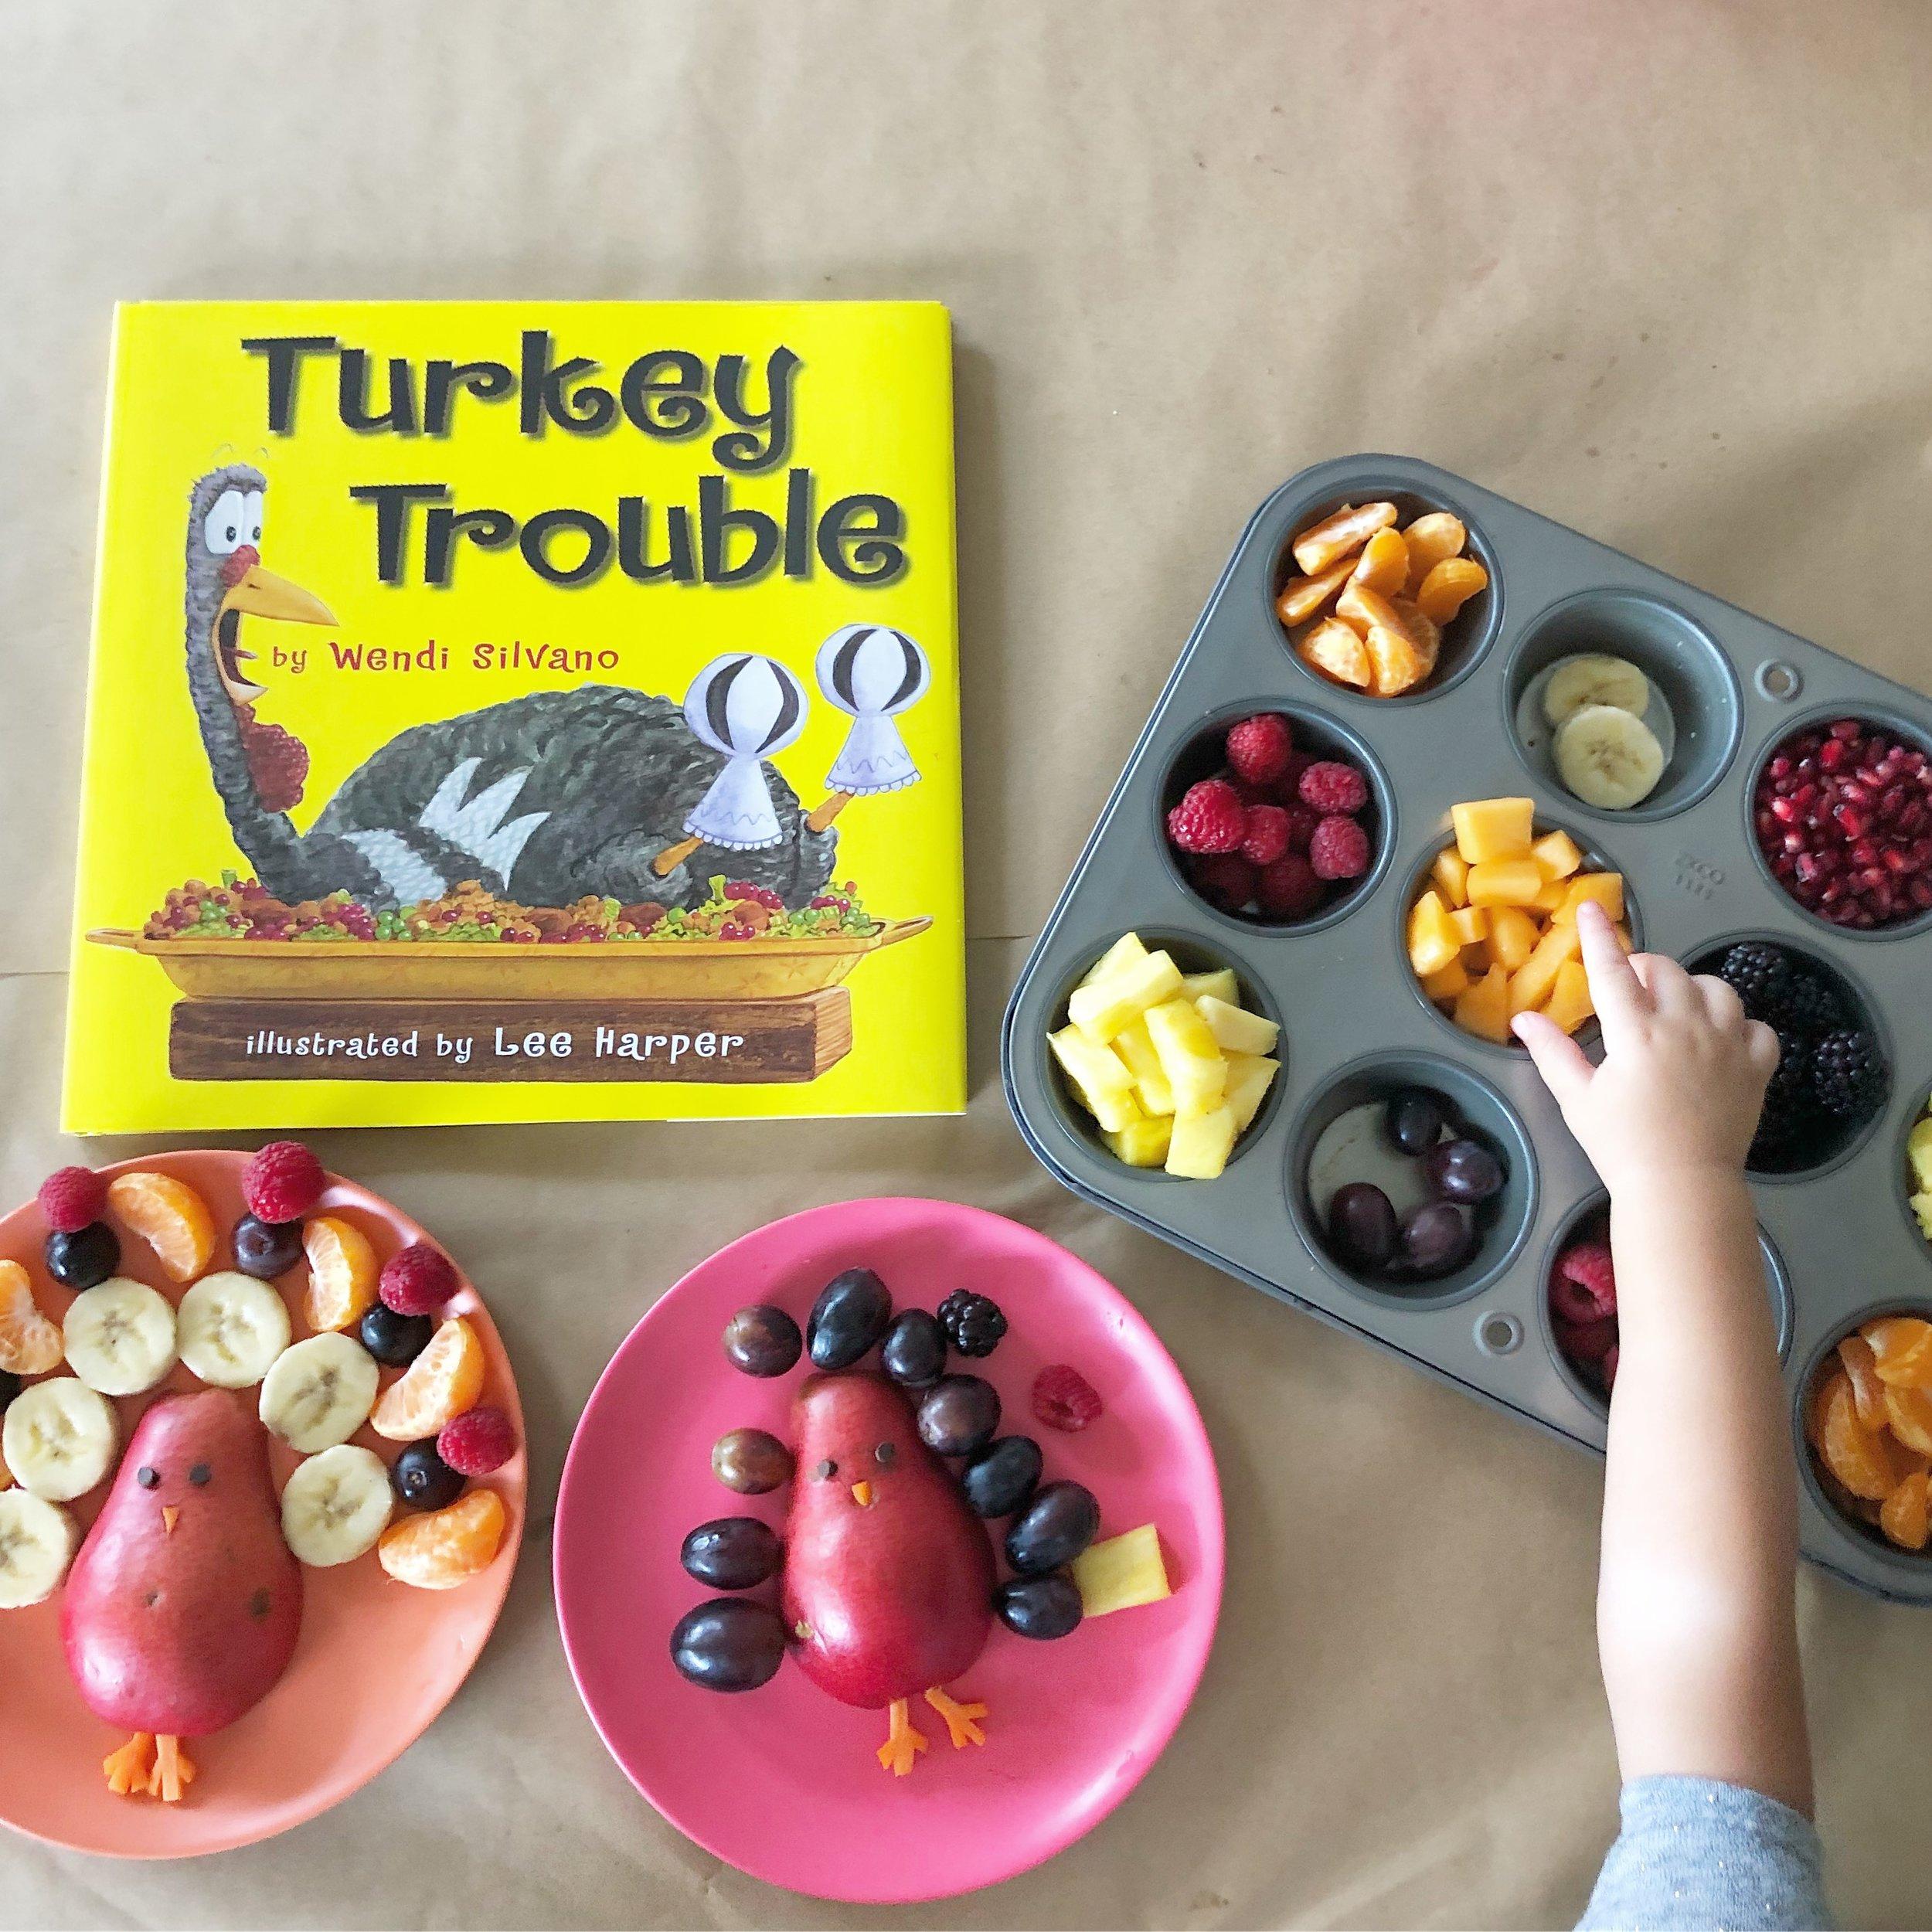 Turkey Trouble snacktivity for kids